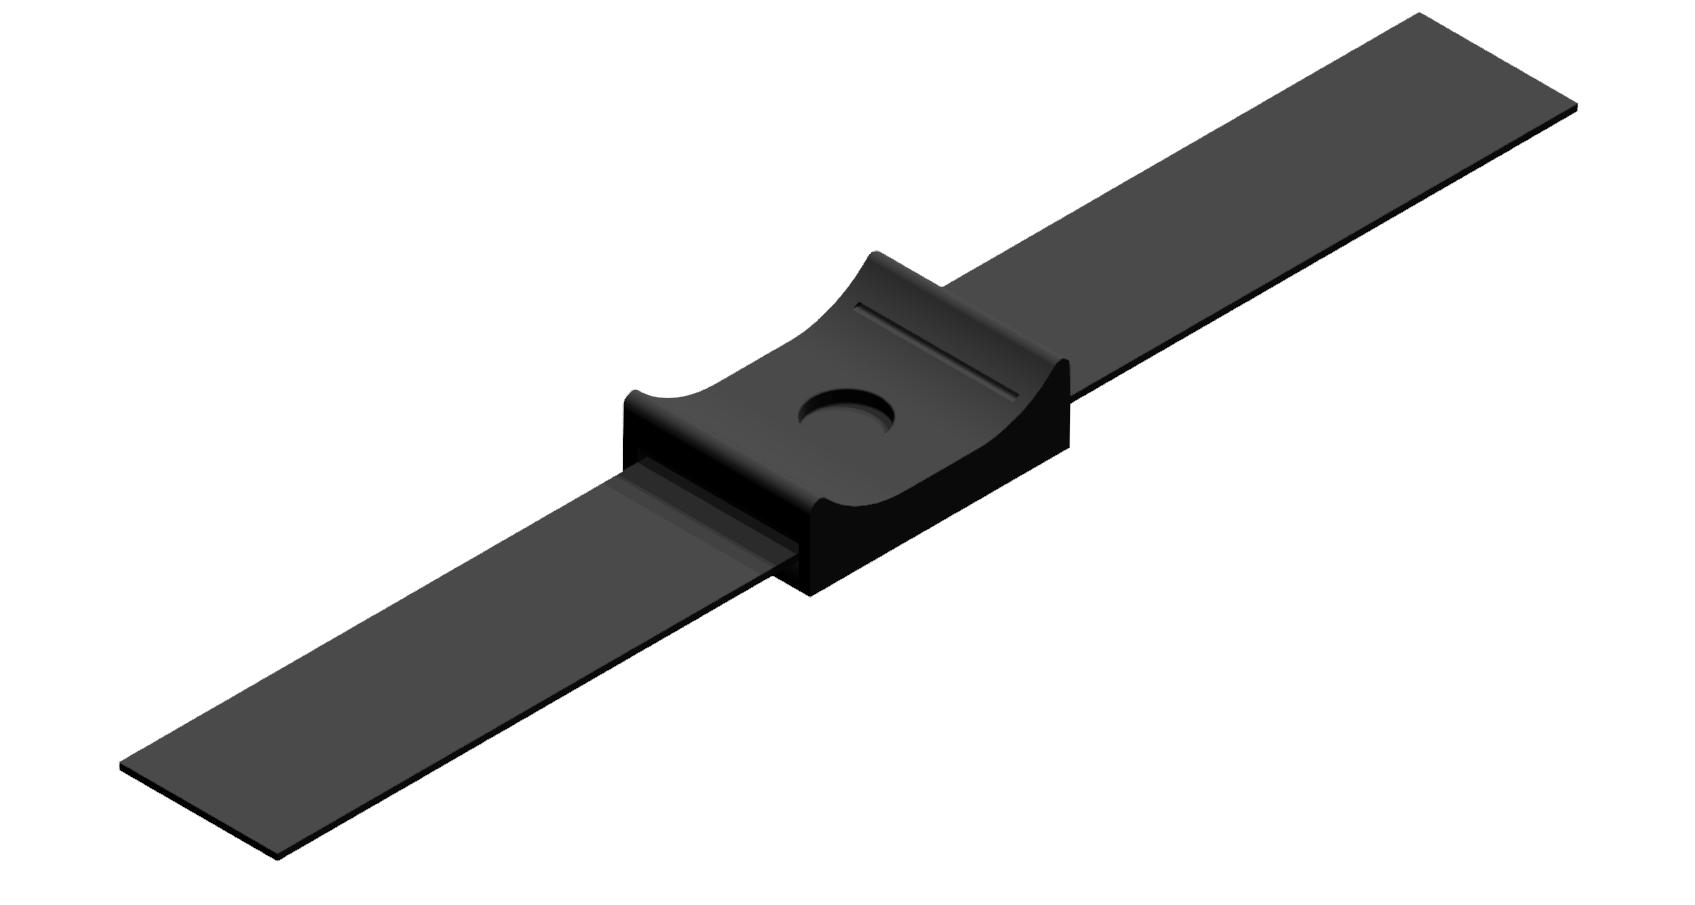 Universal-Halter mit Klettband 8 180, schwarz